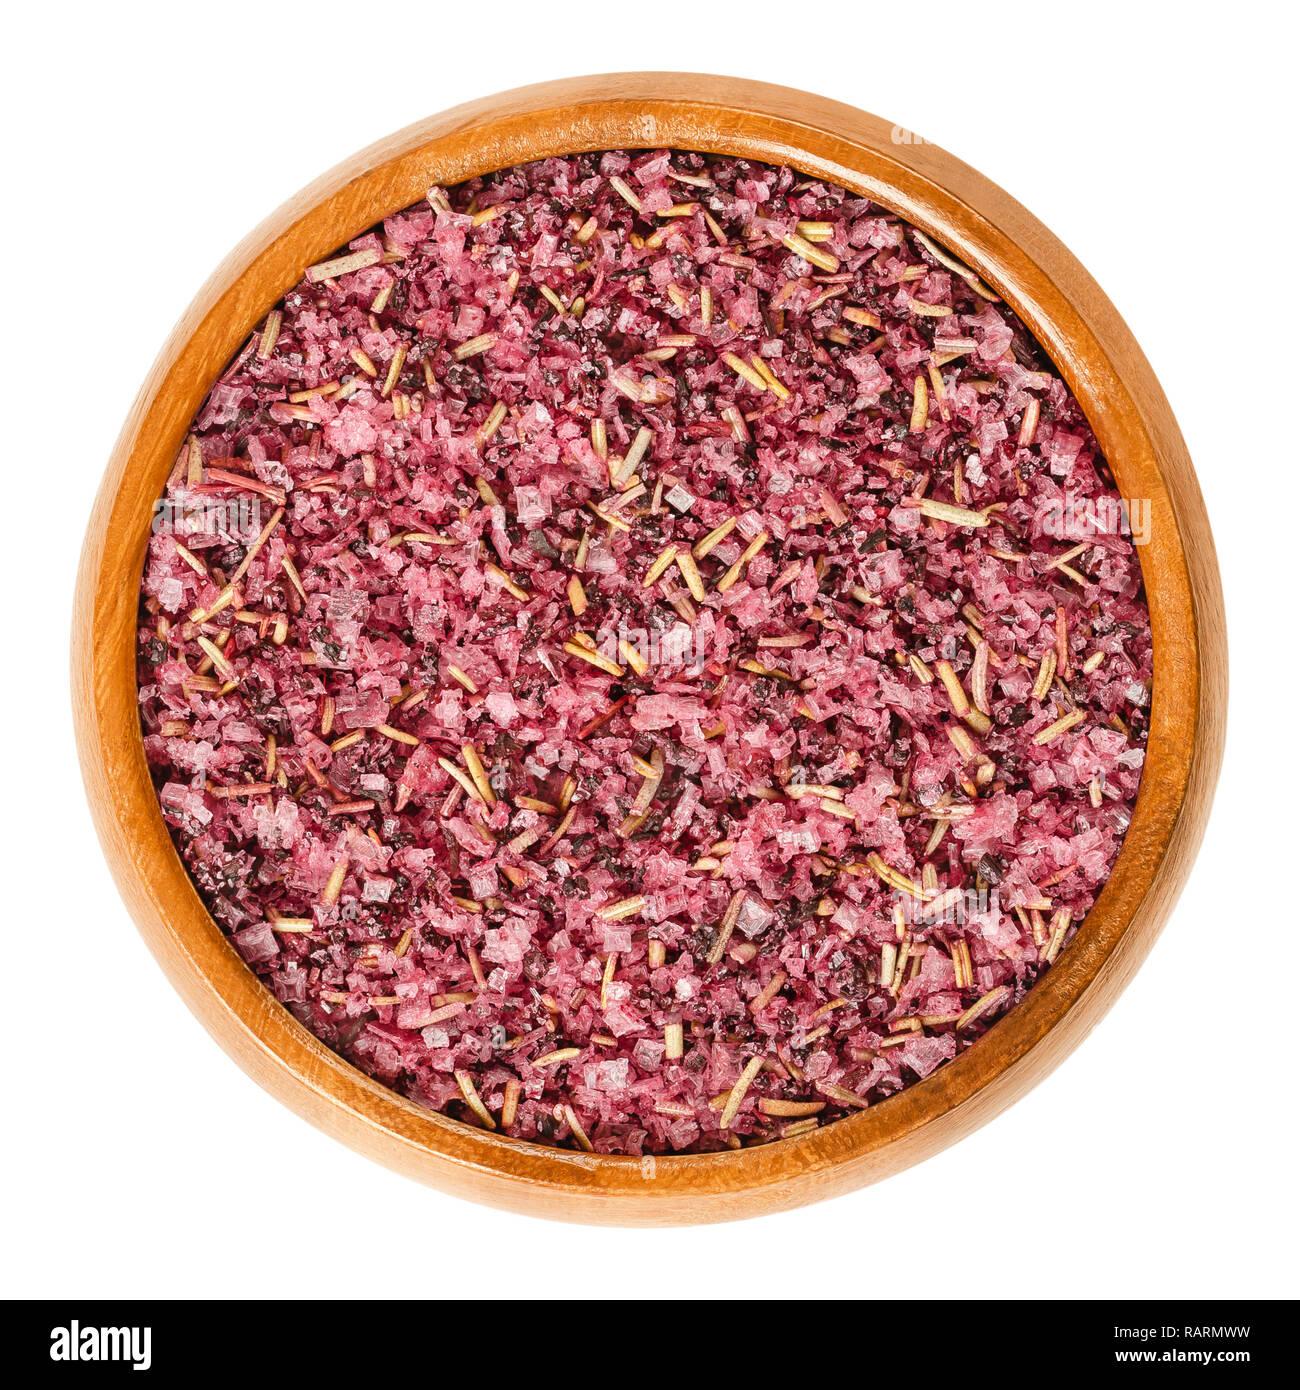 Fleur de Sel aux fleurs d'hibiscus séchées et le romarin dans un bol en bois. De couleur pourpre à la saveur salée et garnir de la nourriture. Photo Stock